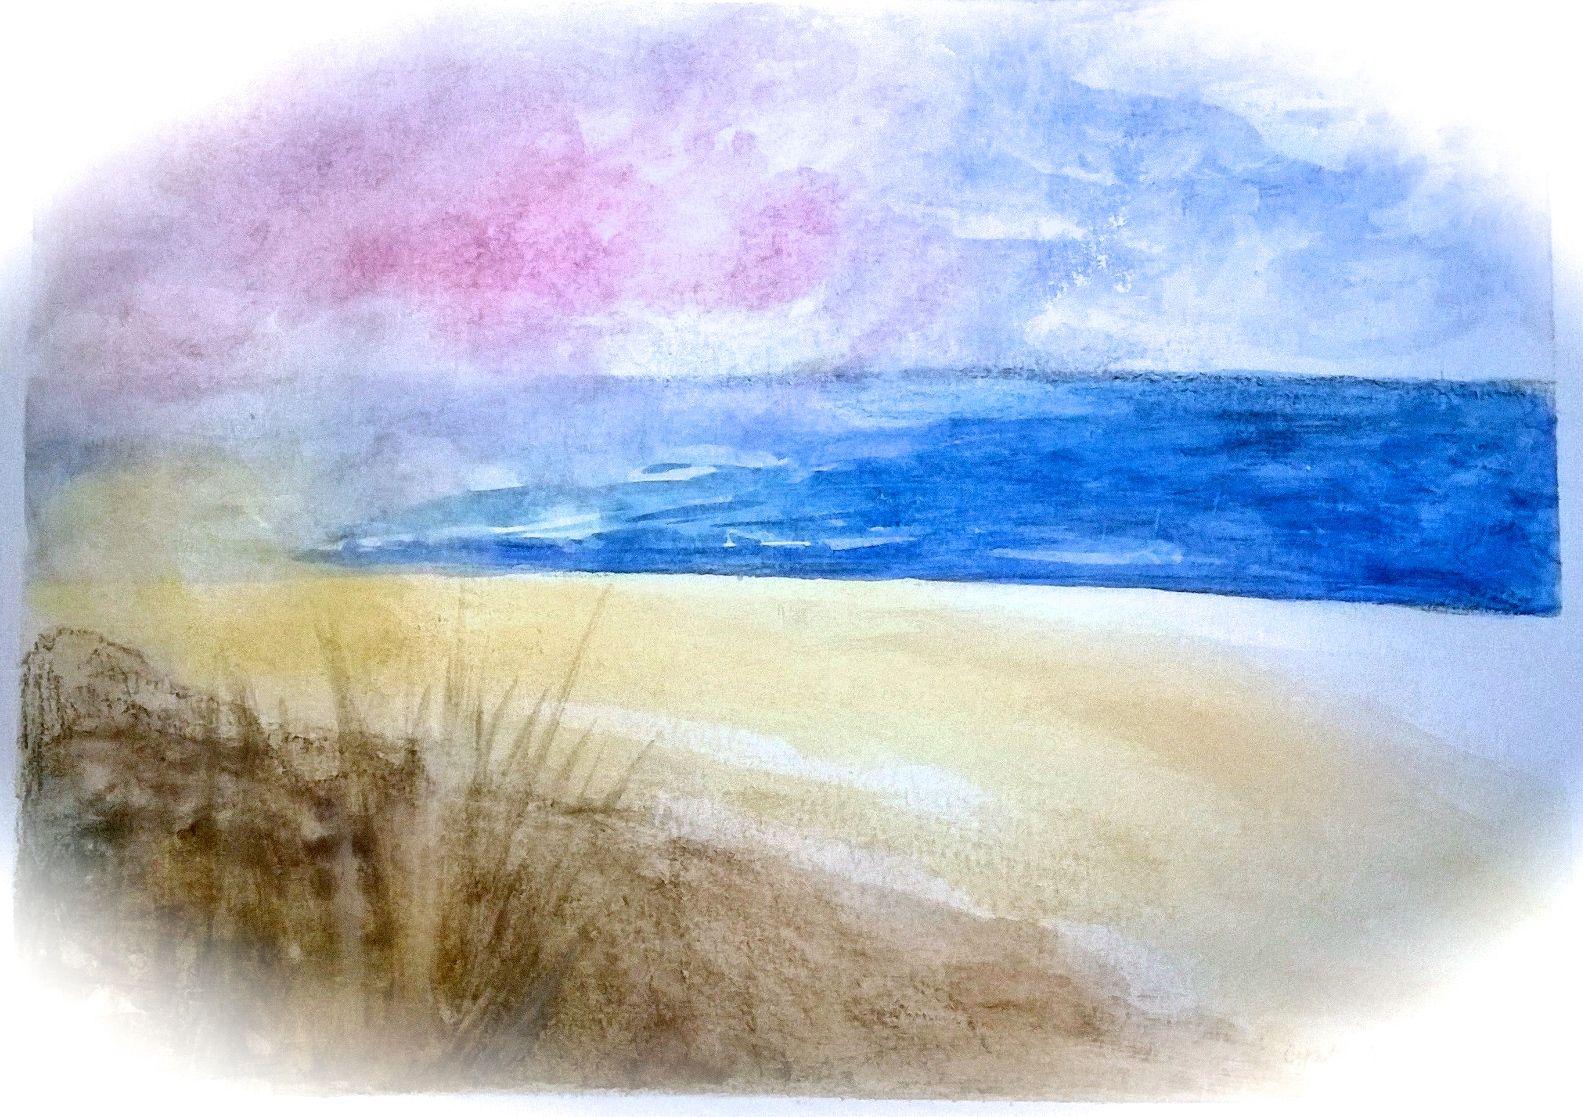 Beach scene   Watercolor and Graphite